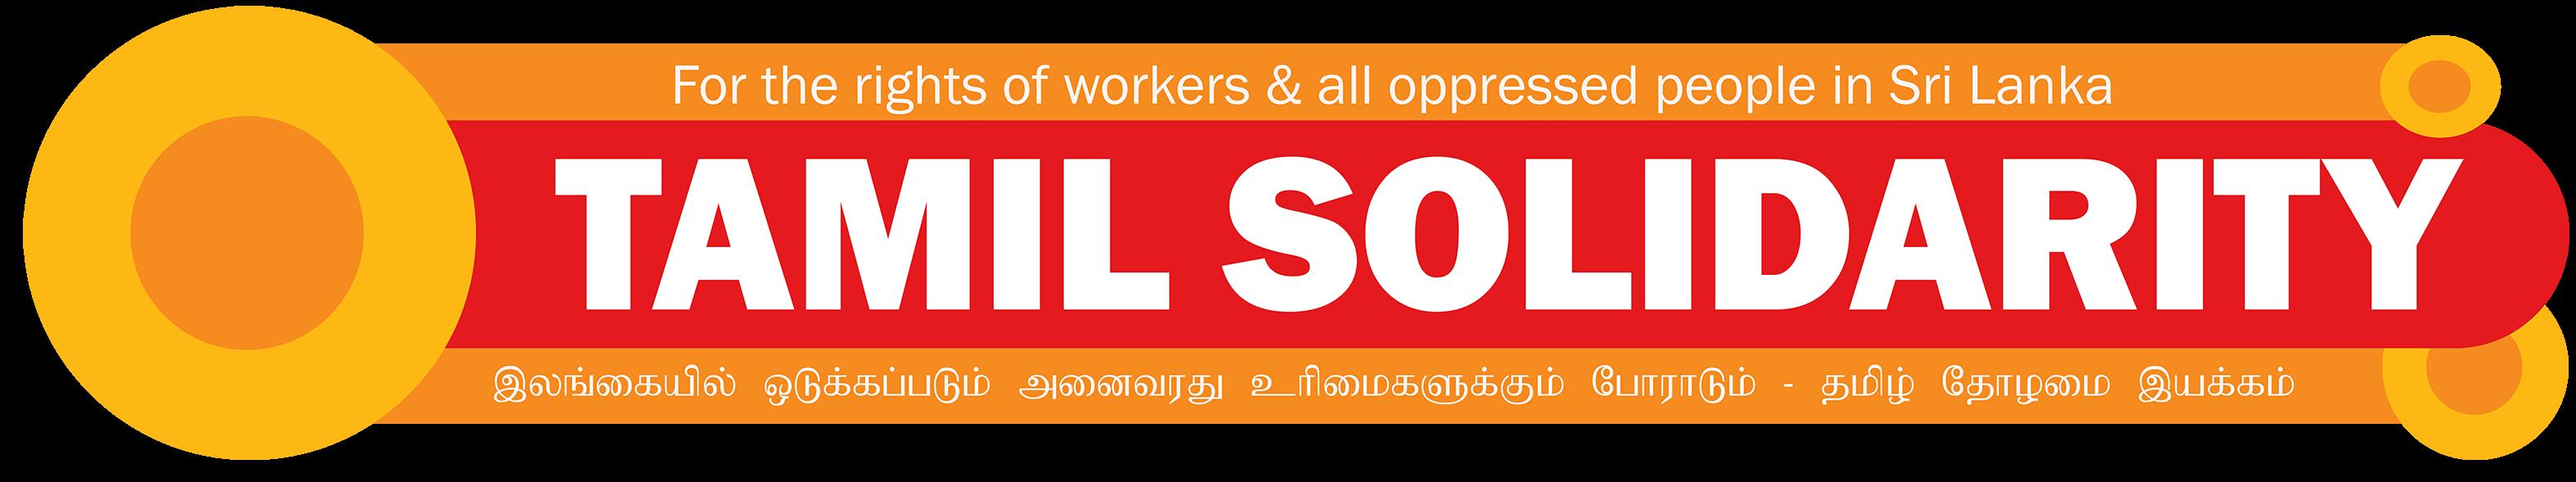 Tamil Solidarity